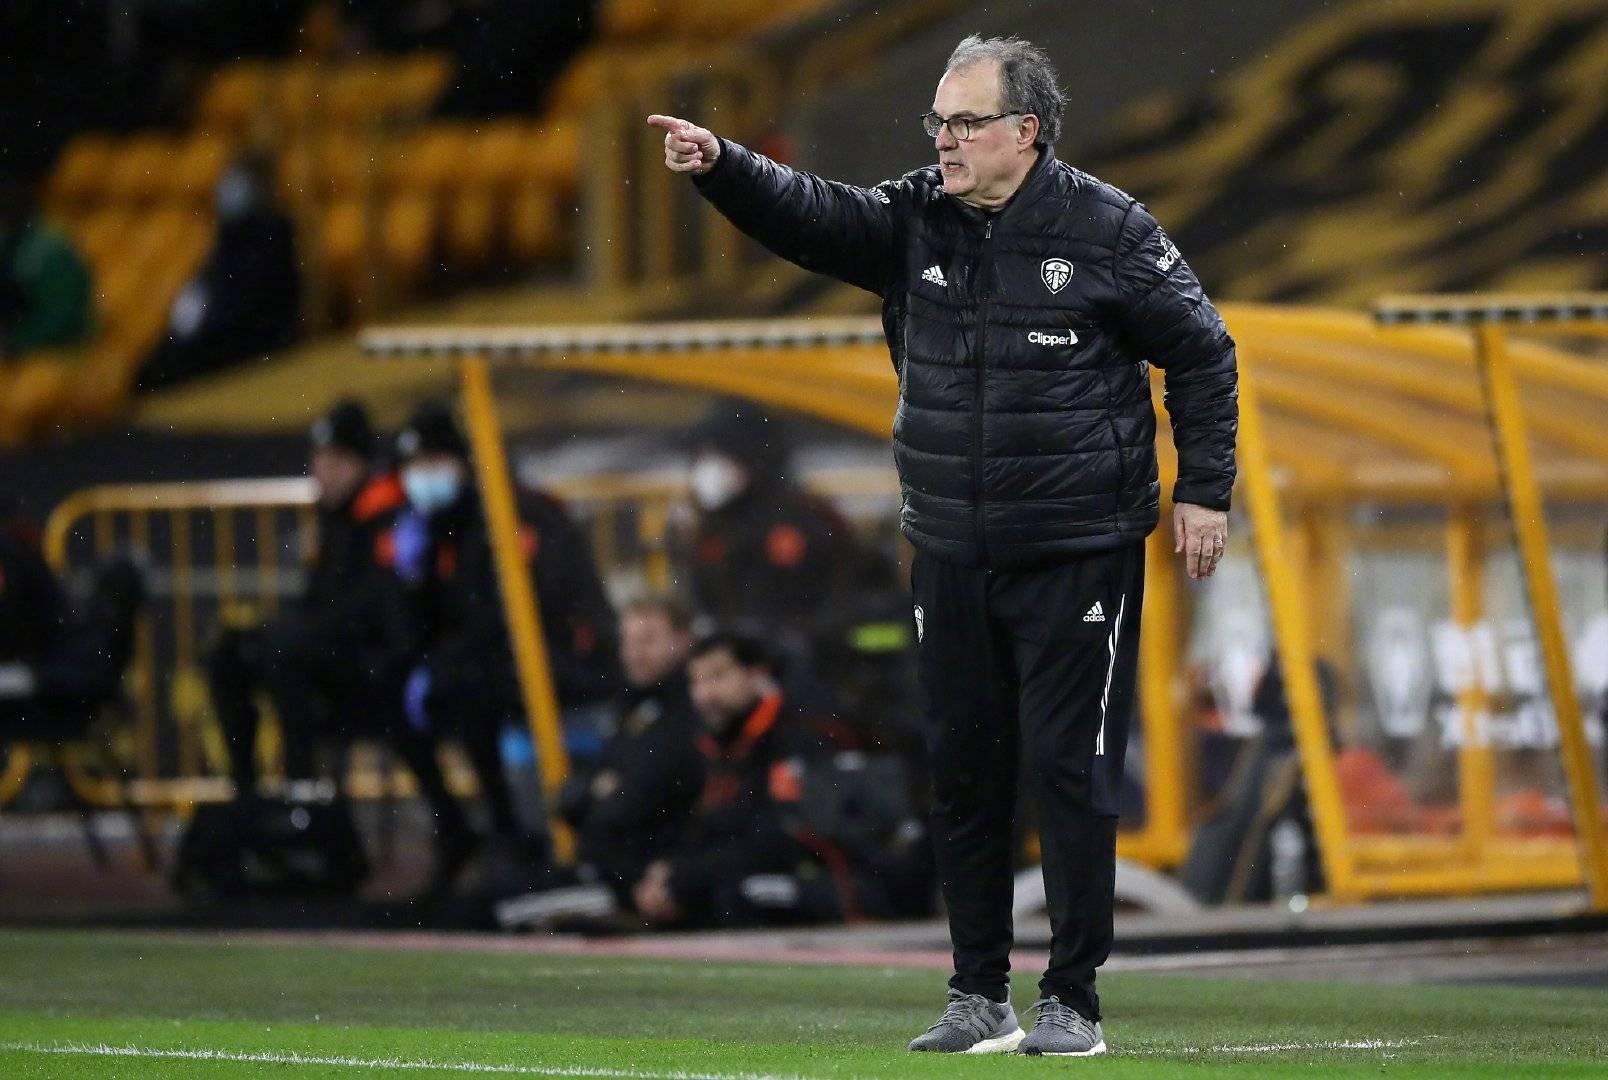 原创             3-0!英超大黑马击败利物浦苦主,反超两大豪强,距欧战仅5分